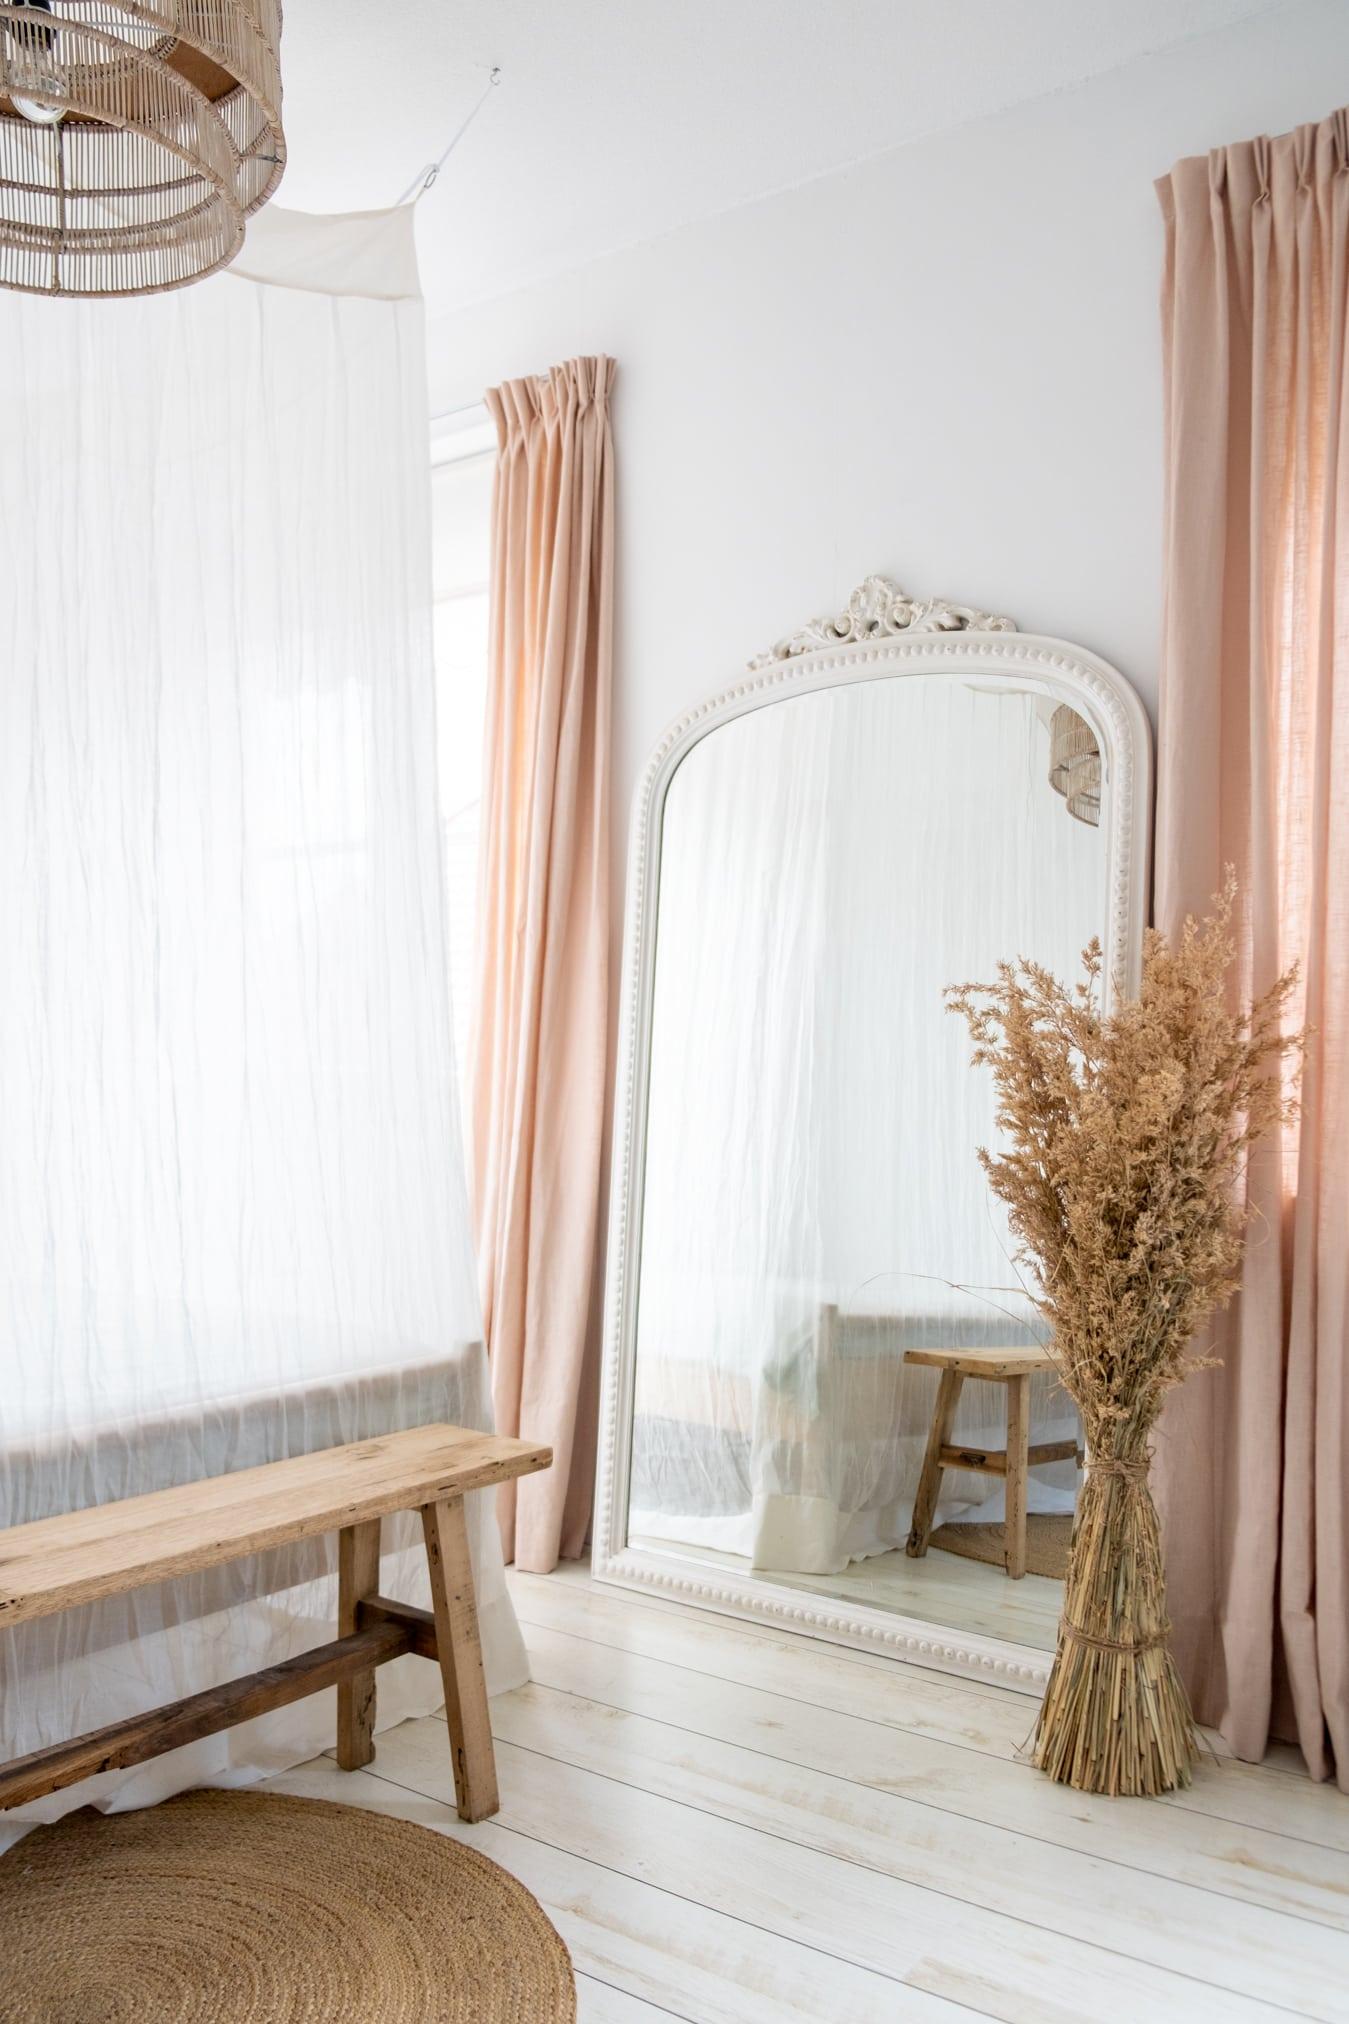 grote vintage spiegel met kuif